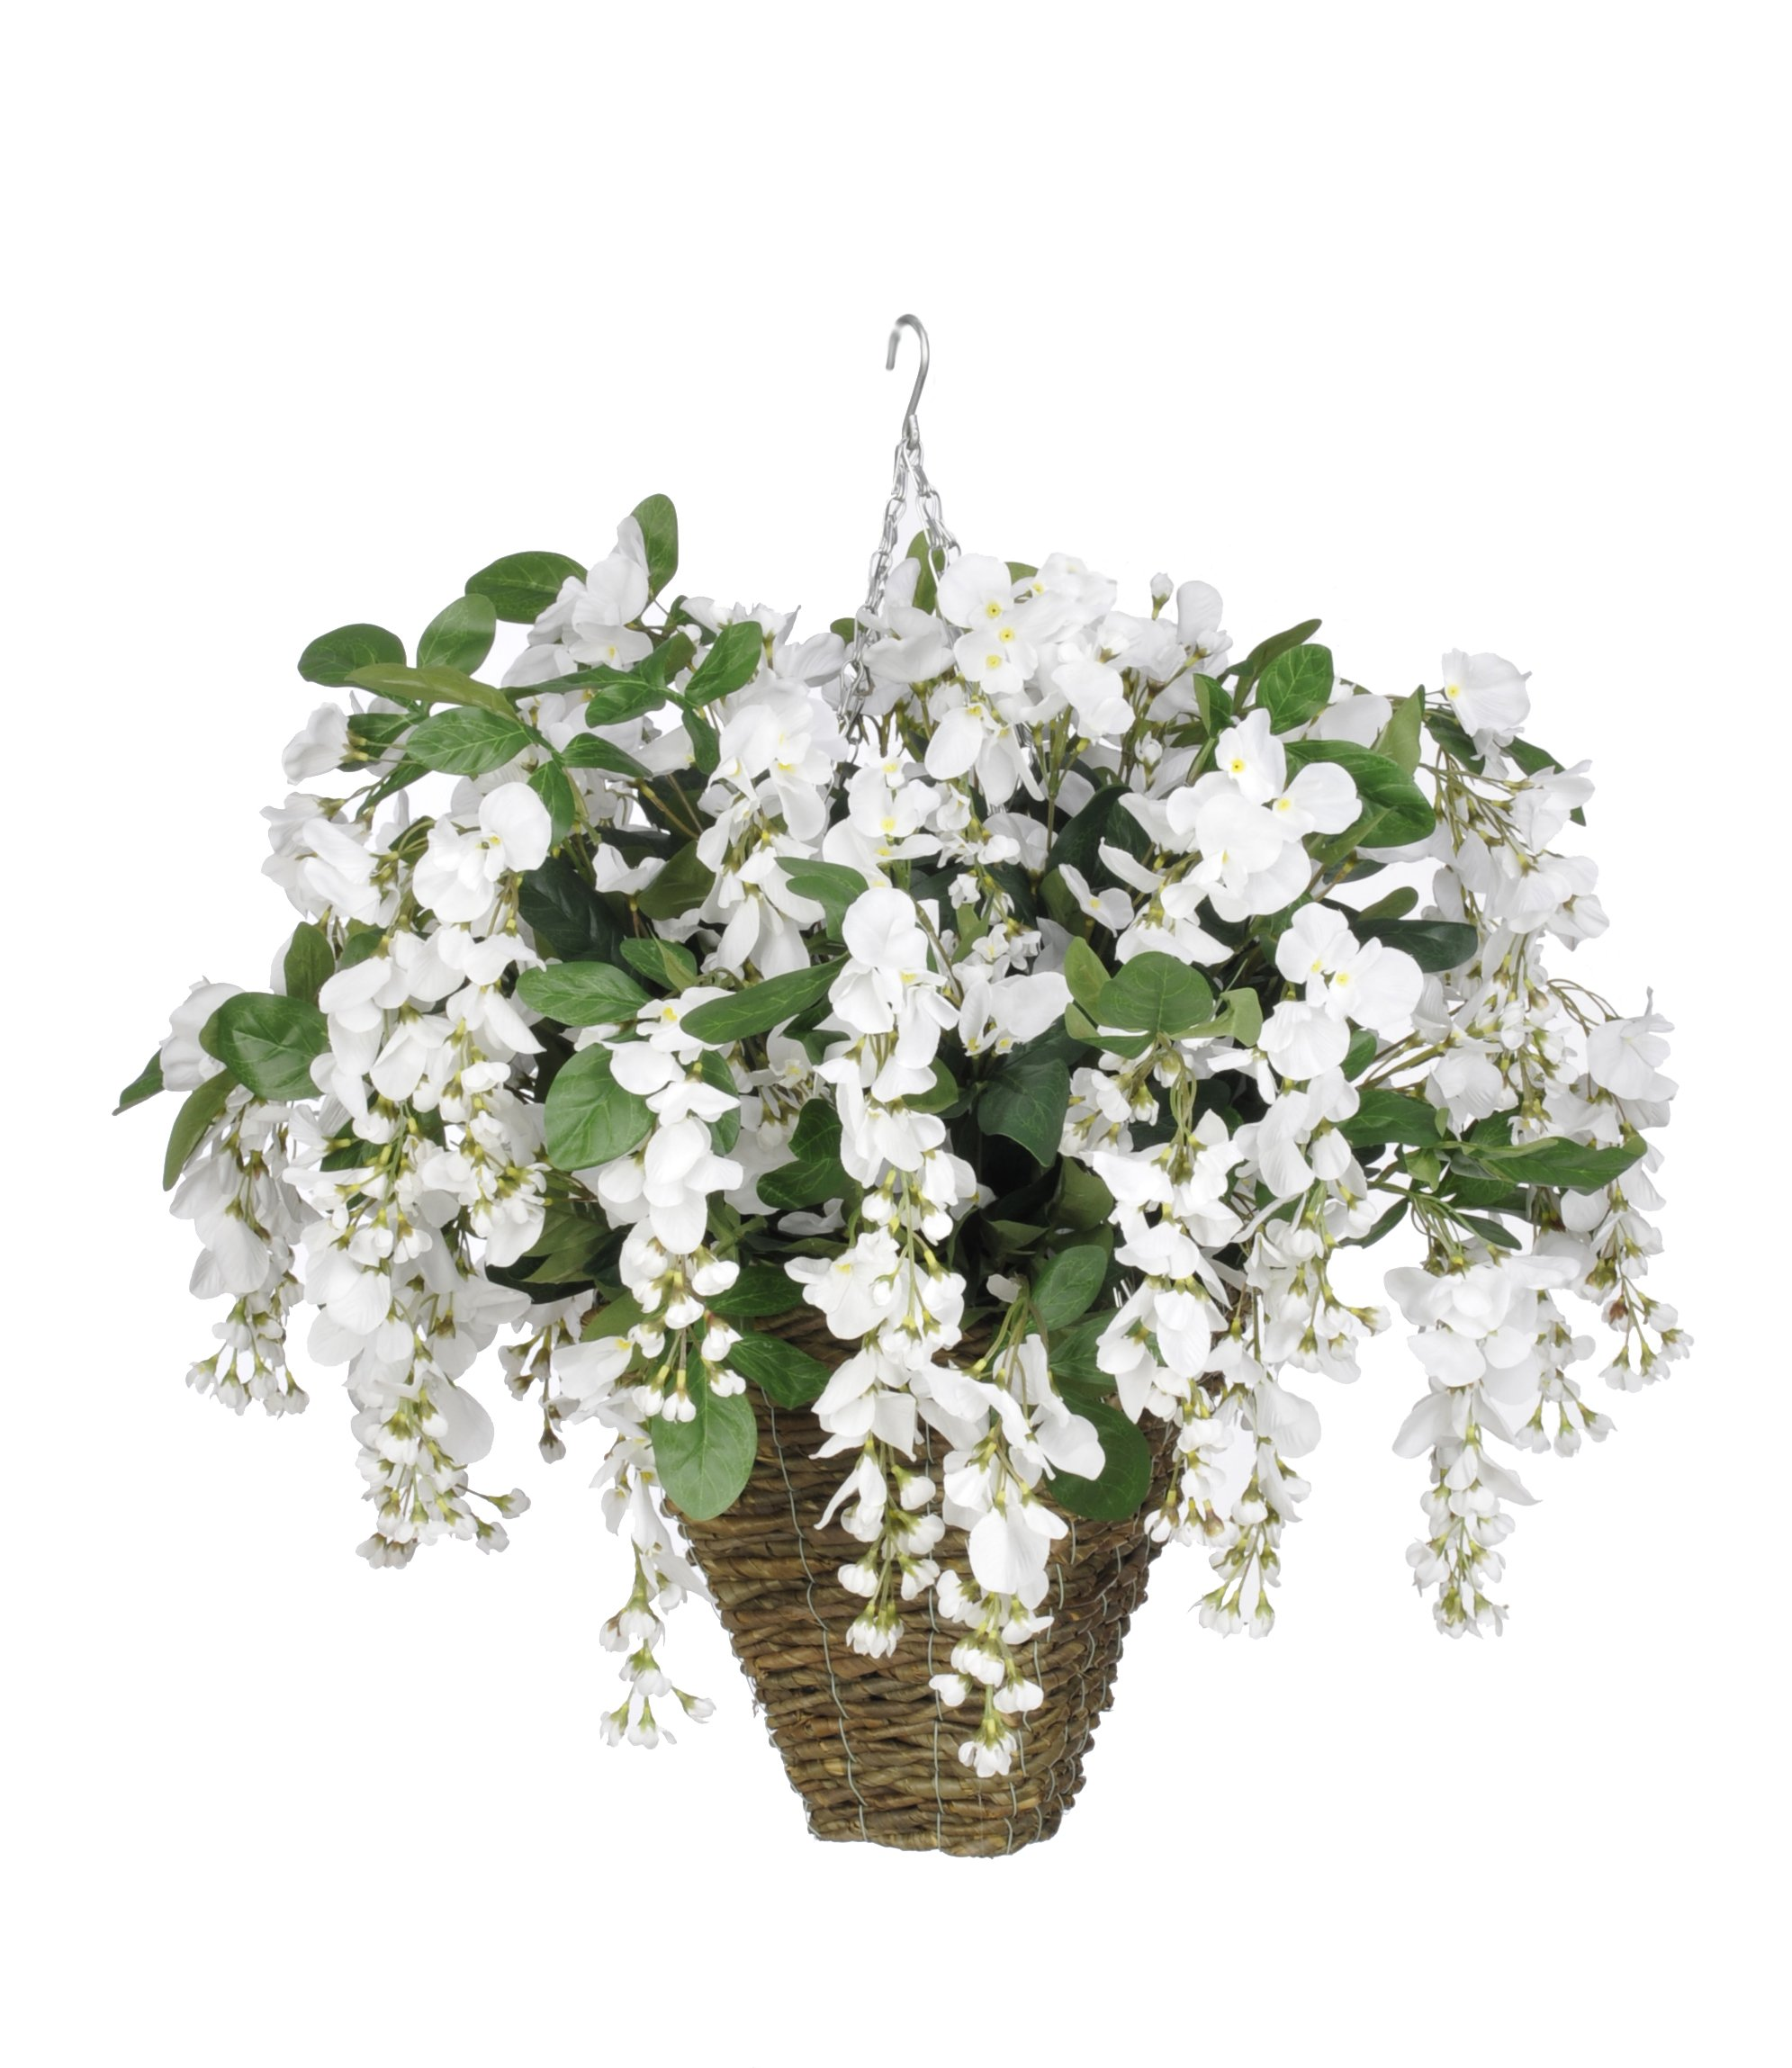 Artificial Flower Arrangement For Large Basket Amazon